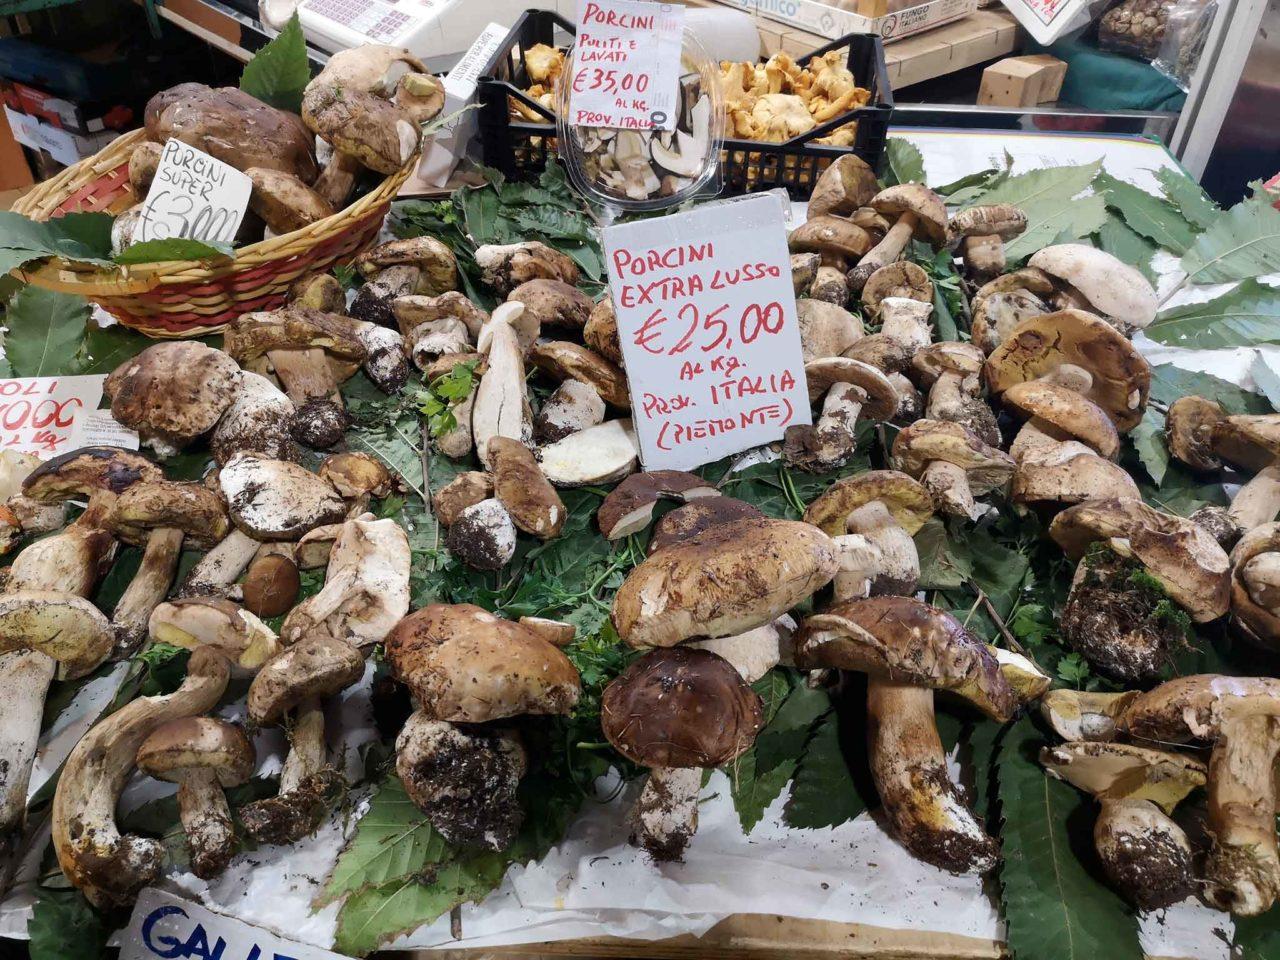 funghi porcini prezzo